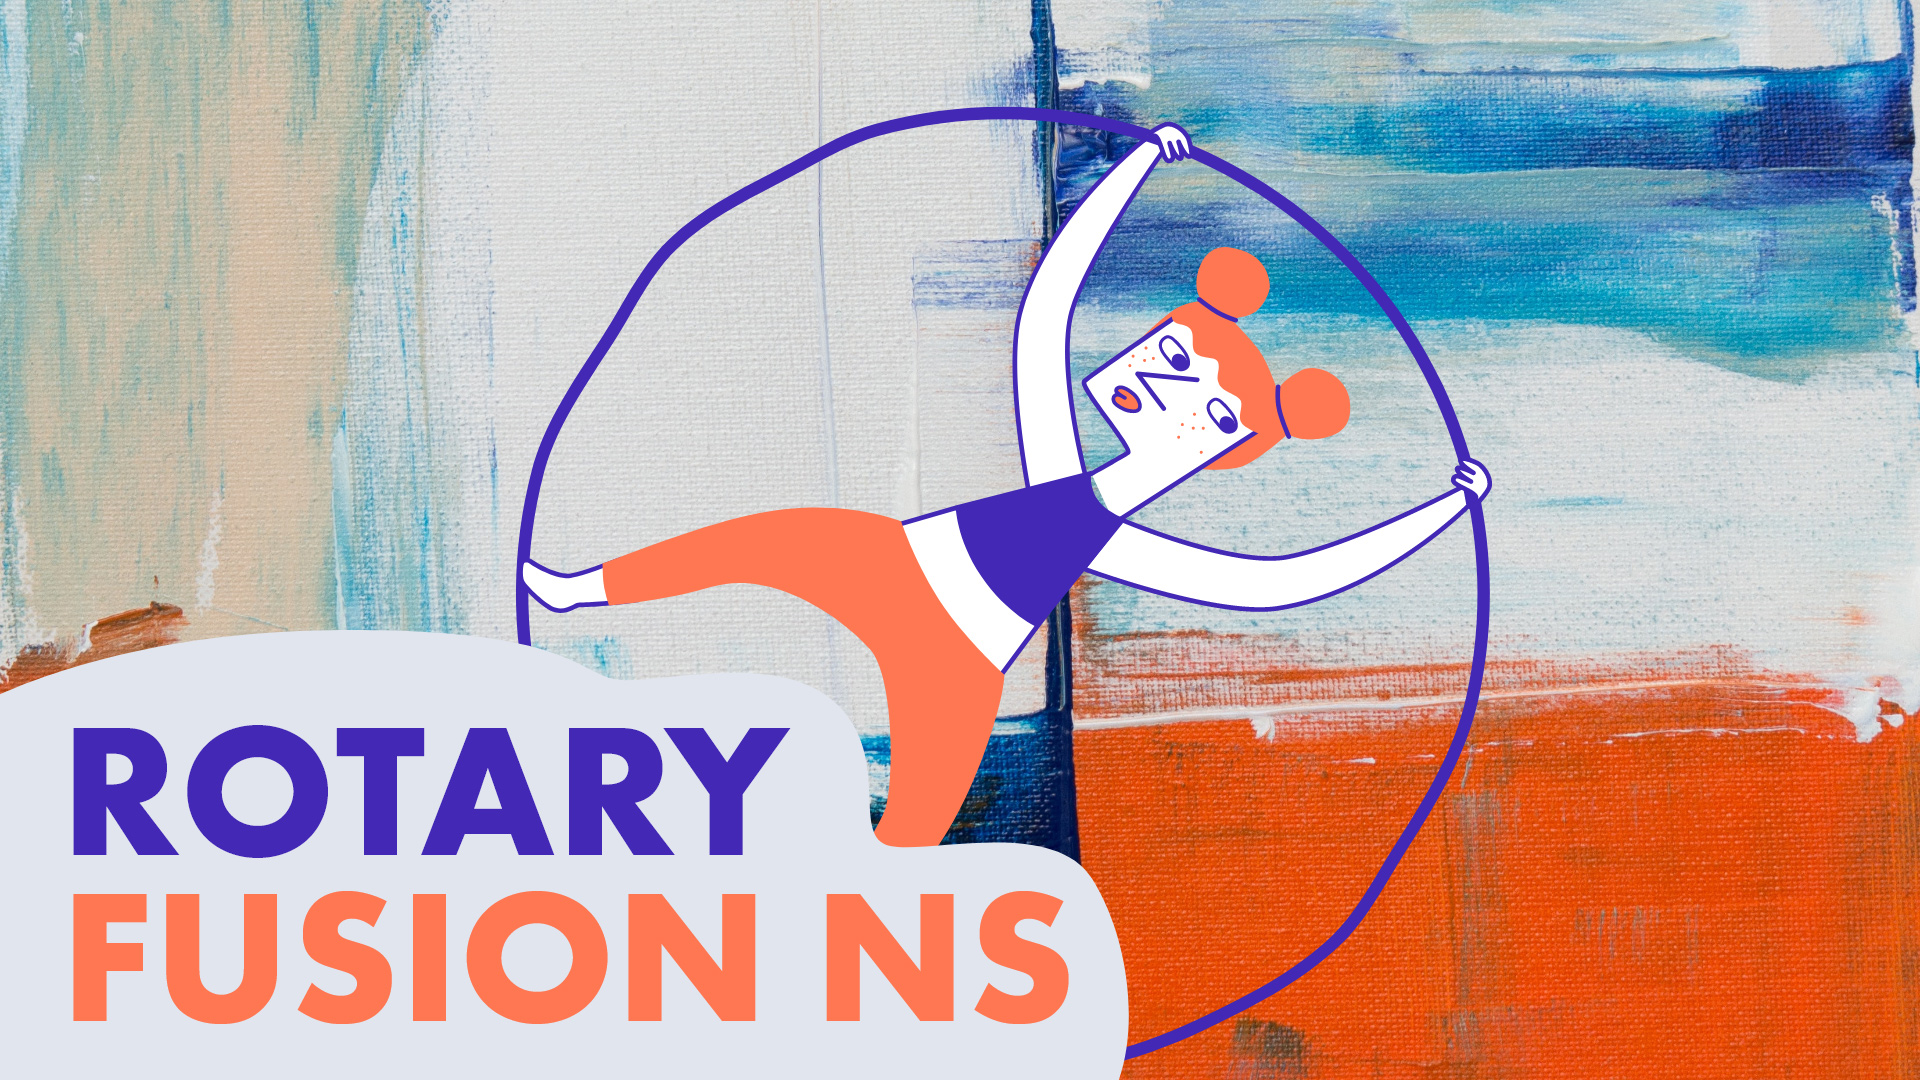 Rotary Fusion NS